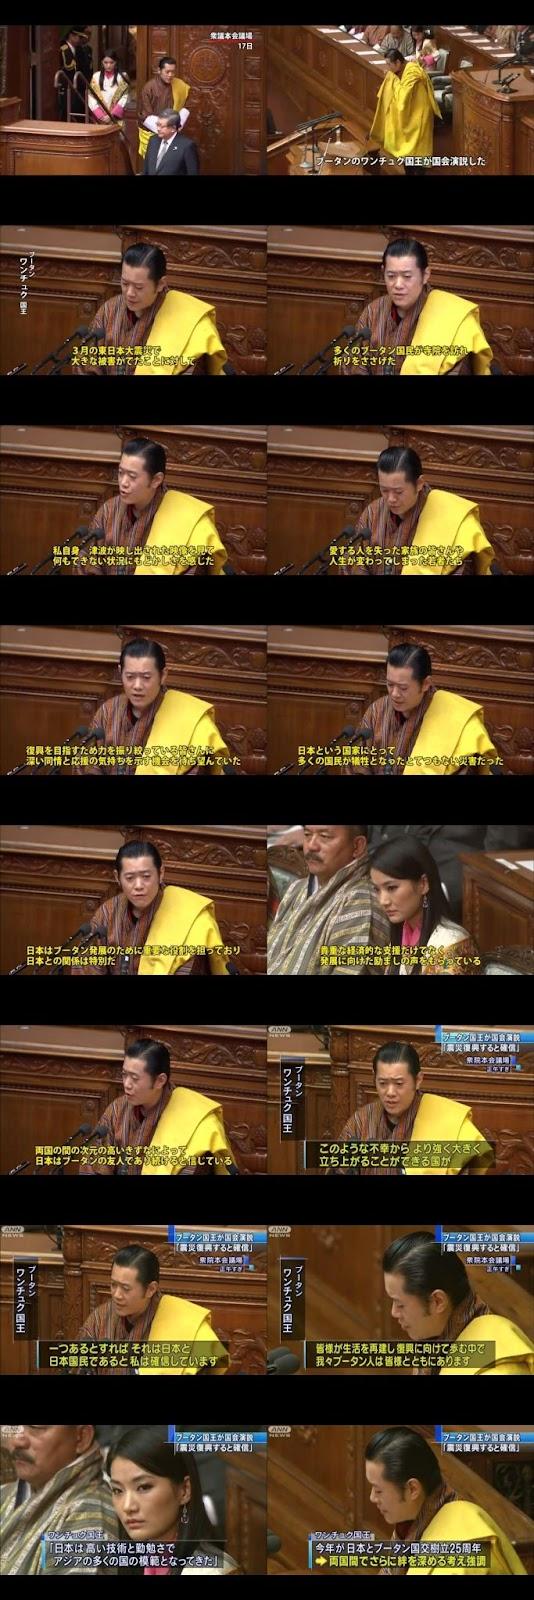 ブータン国王、国会で演説